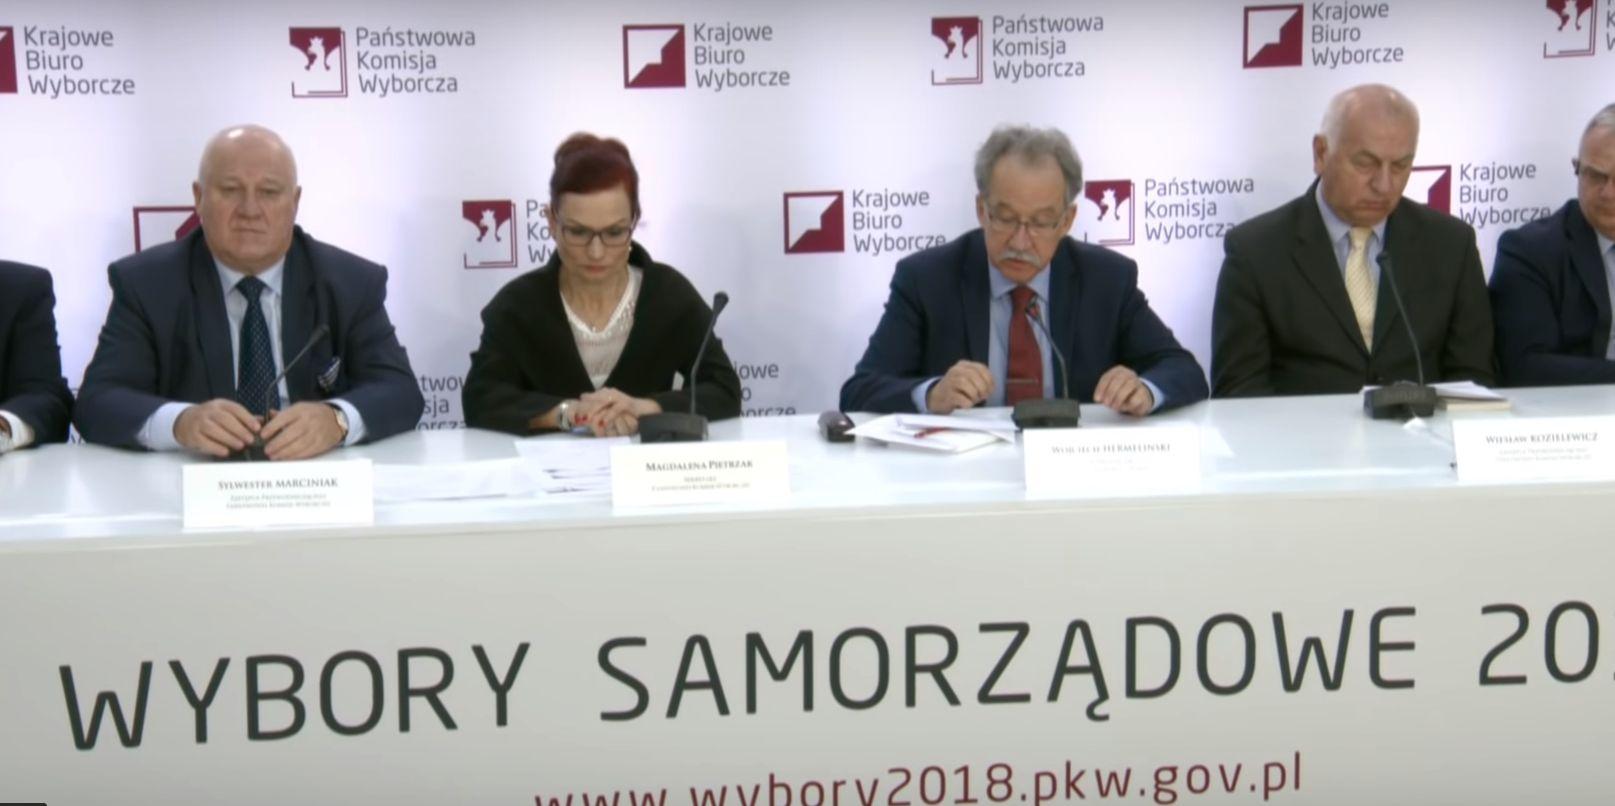 Konferencja prasowa Państwowej Komisji WyborczejMat. PKW